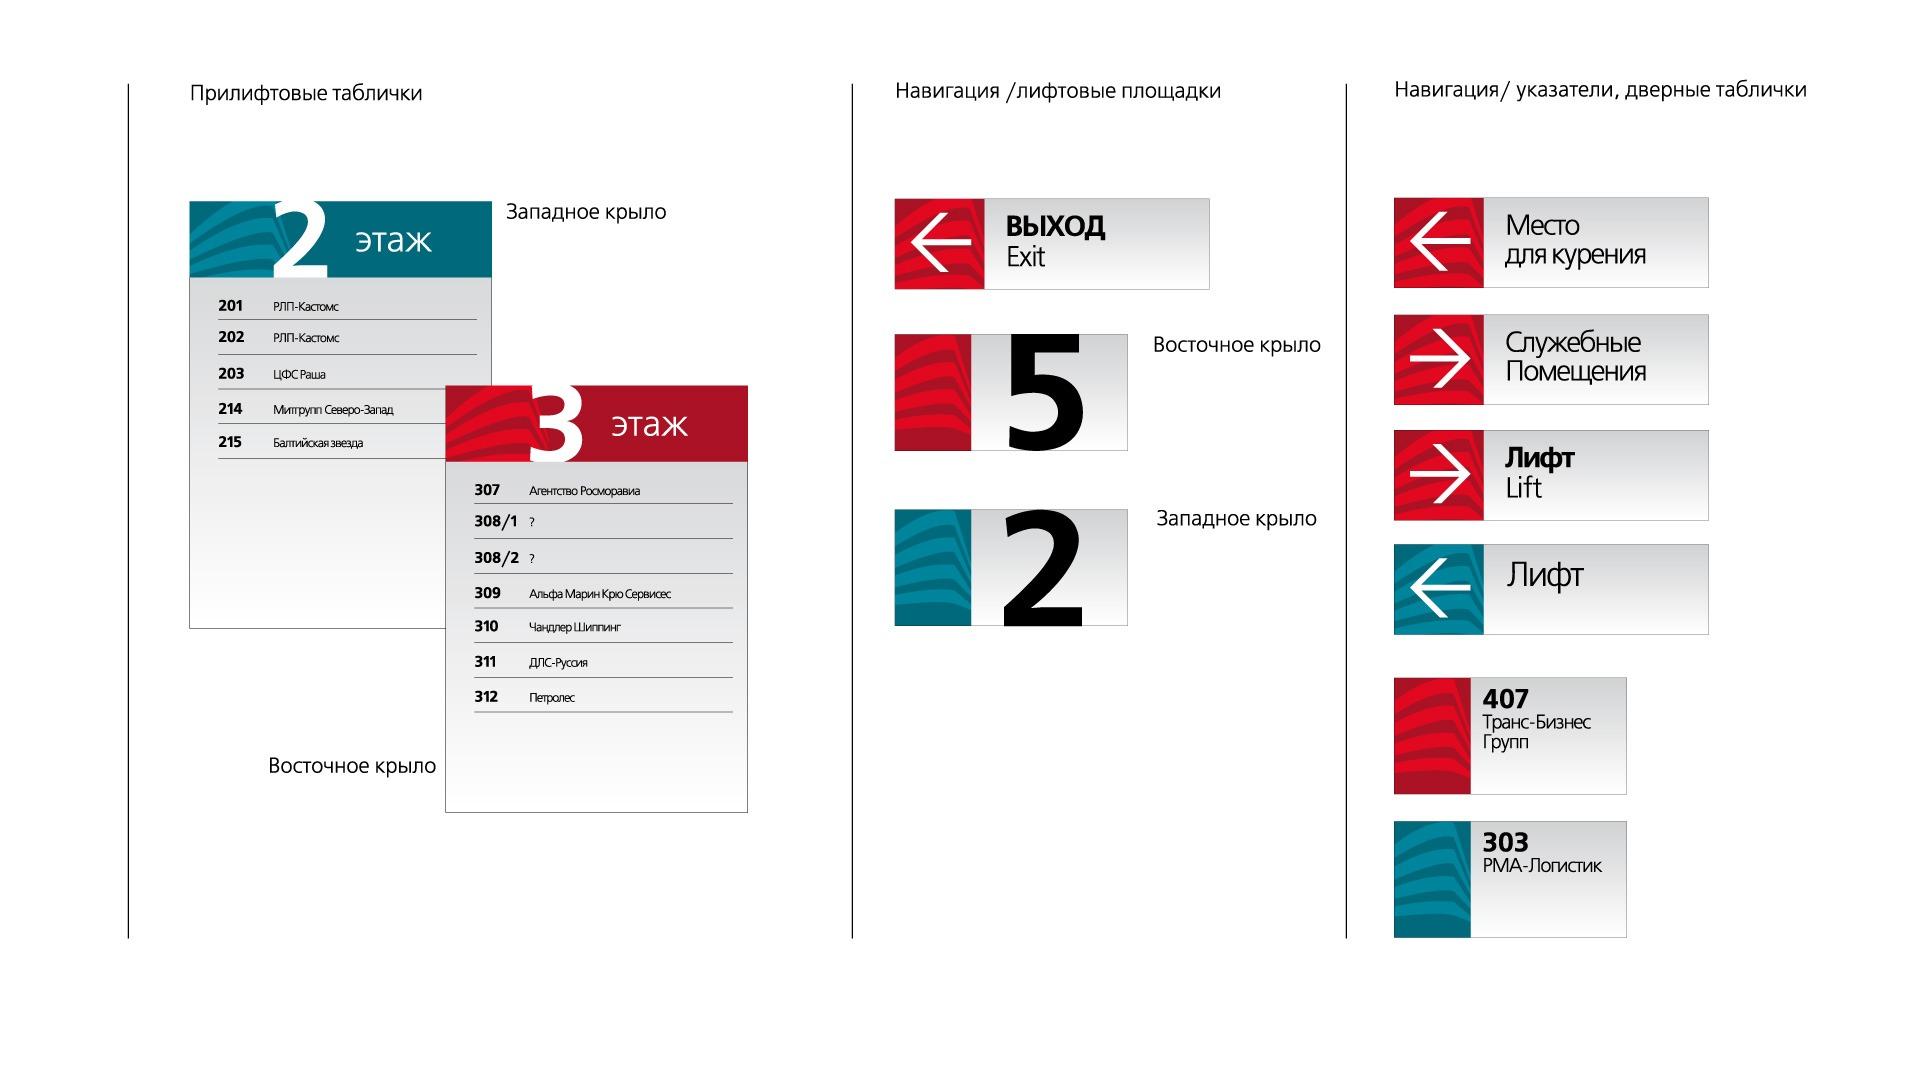 графическая навигация, бизнес-центр, балтика, singsystem, business center, baltic